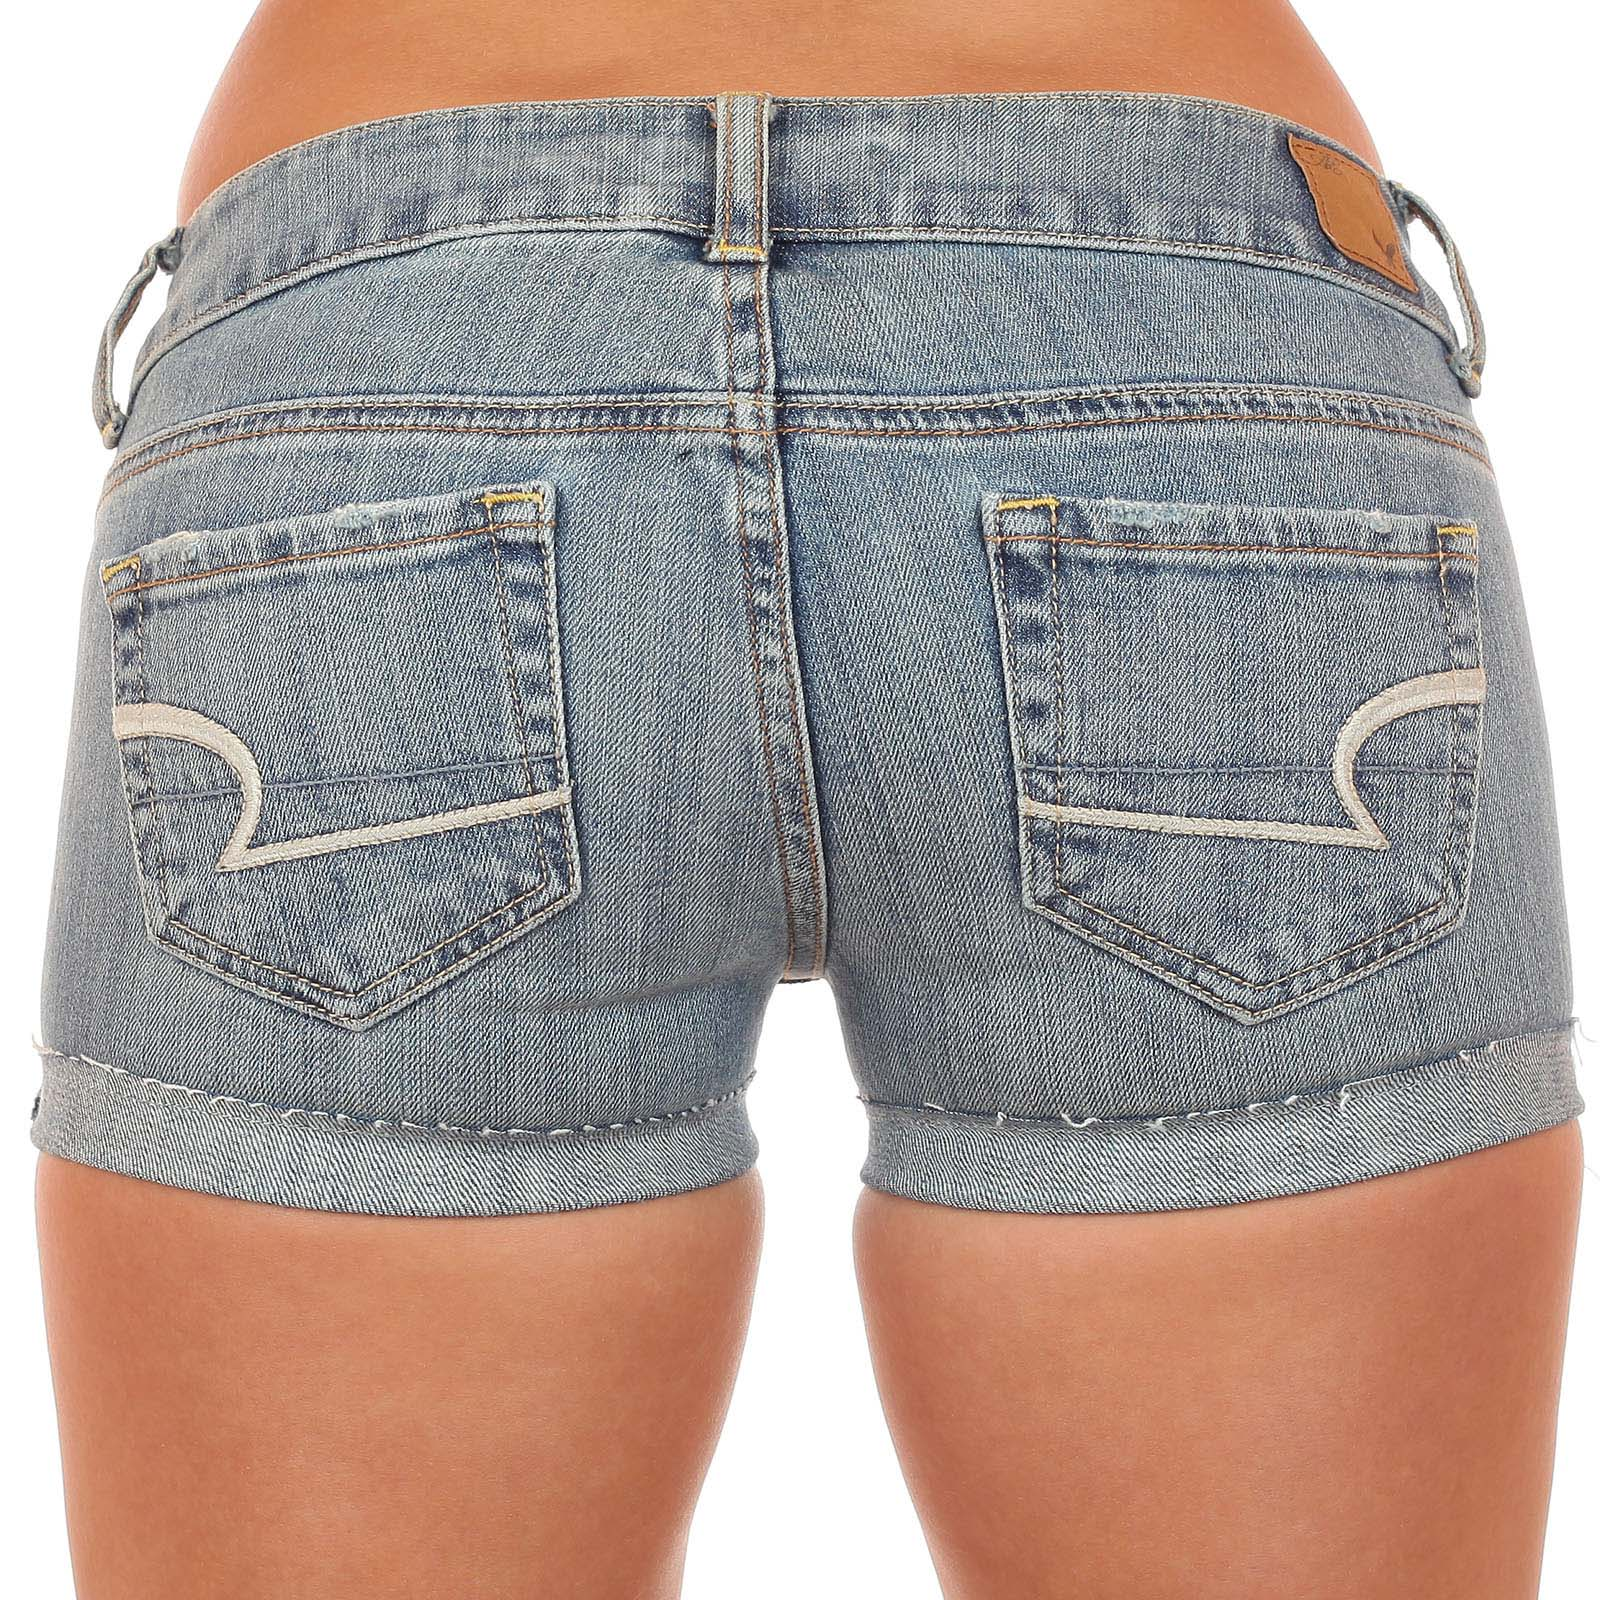 Заказать обольстительные джинсовые шорты